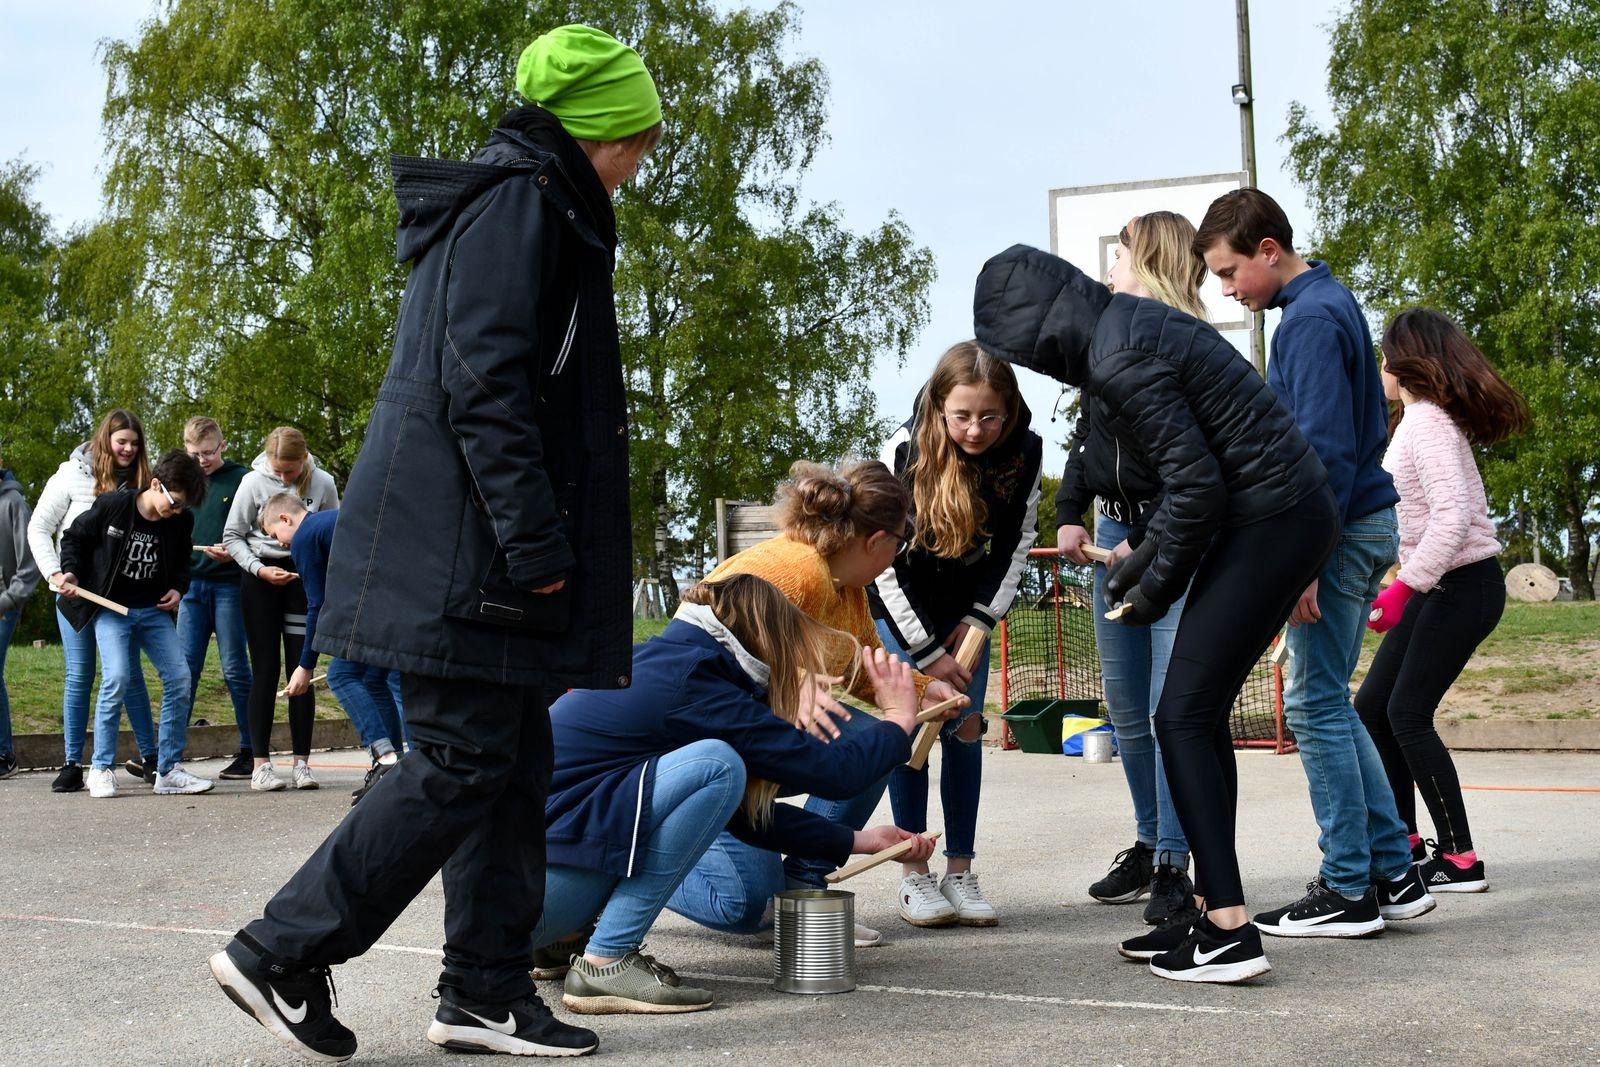 Samarbetsförmågan prövades i övningen där ett antal spelkulor skulle transporteras från start till mål med hjälp av korta bitar trälist. Årskurs sex löste uppgiften galant.